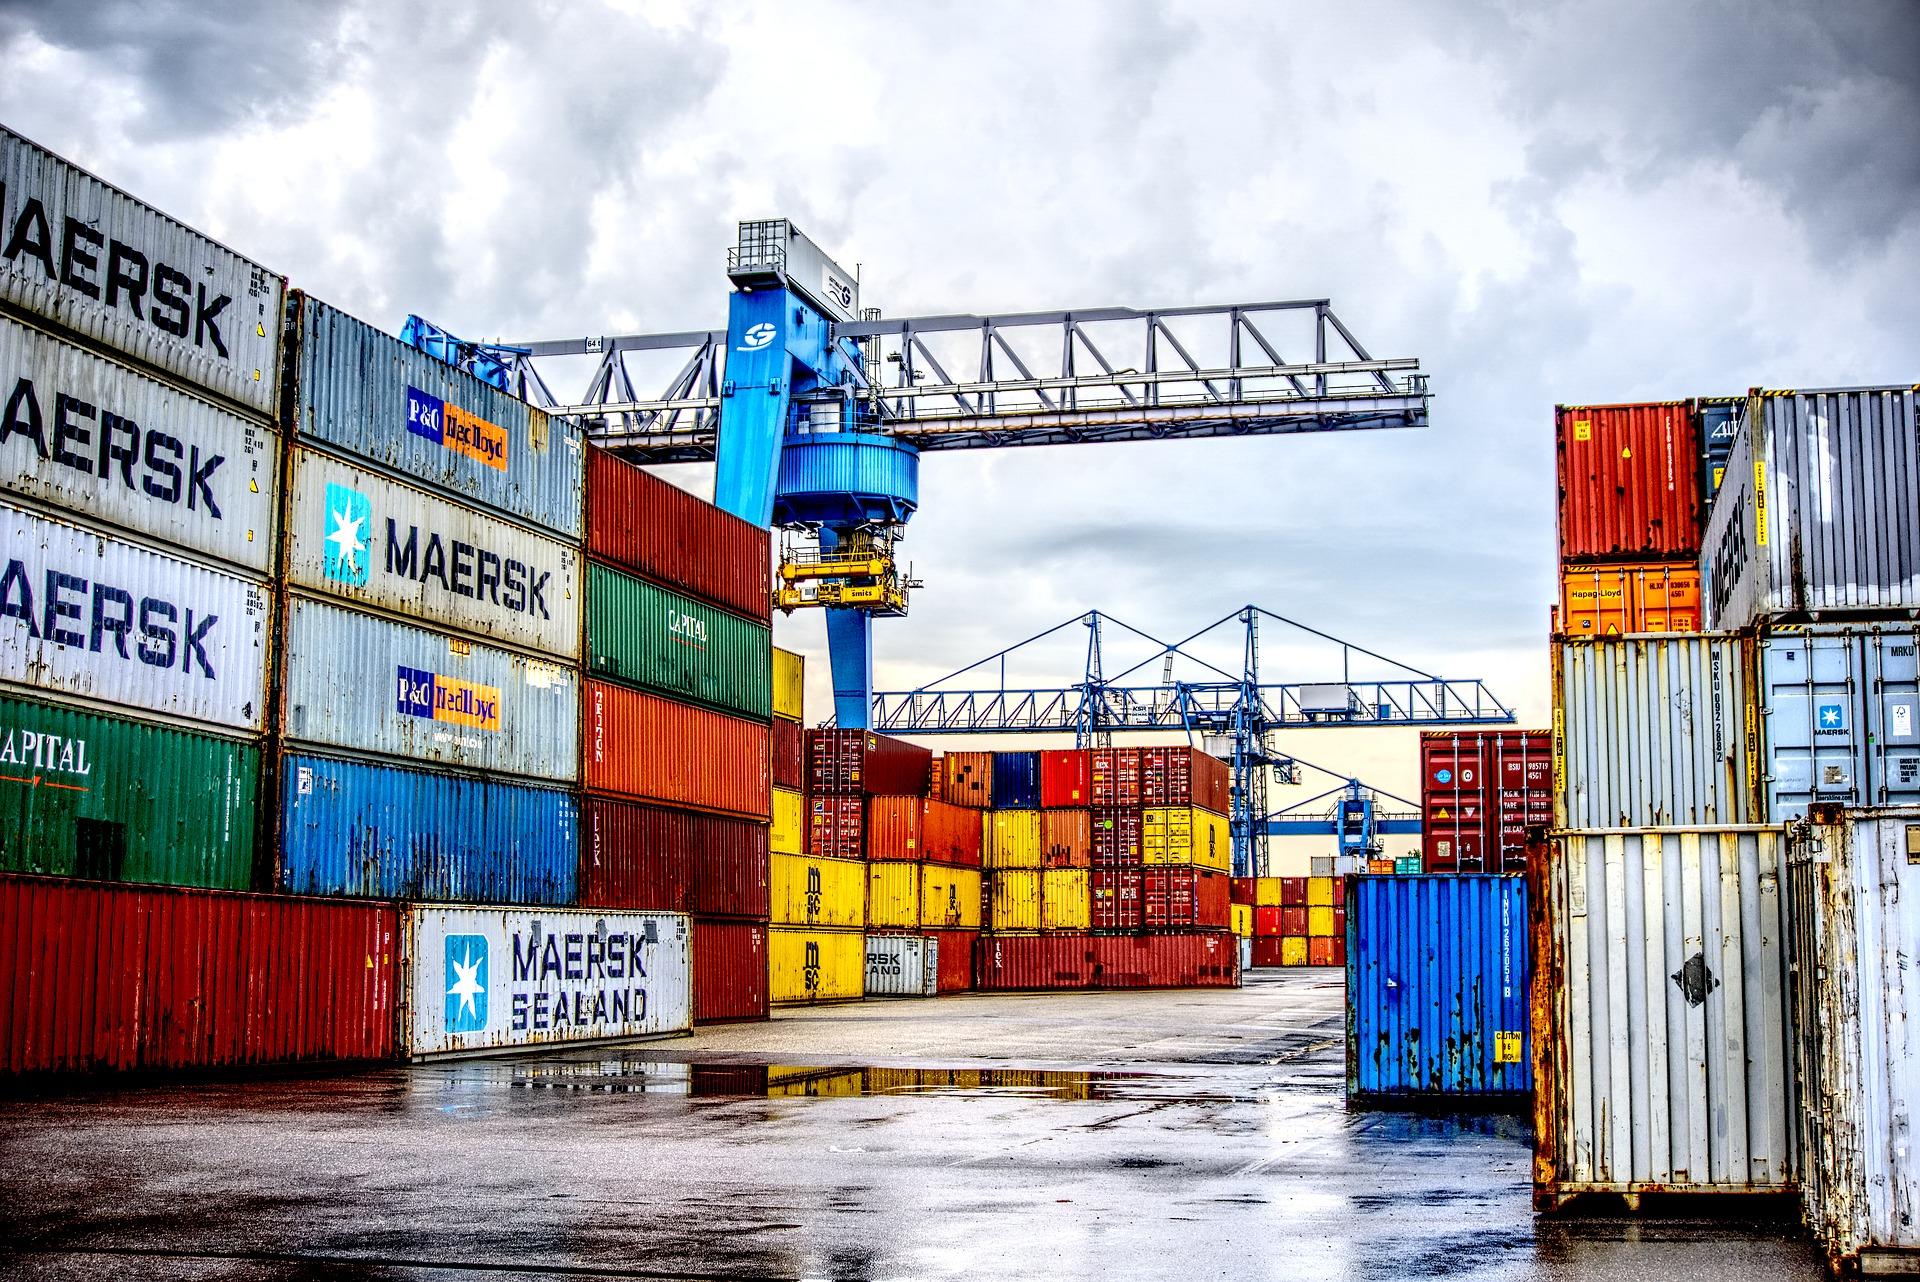 Nuova tassa sui container? Sbagliata e insostenibile